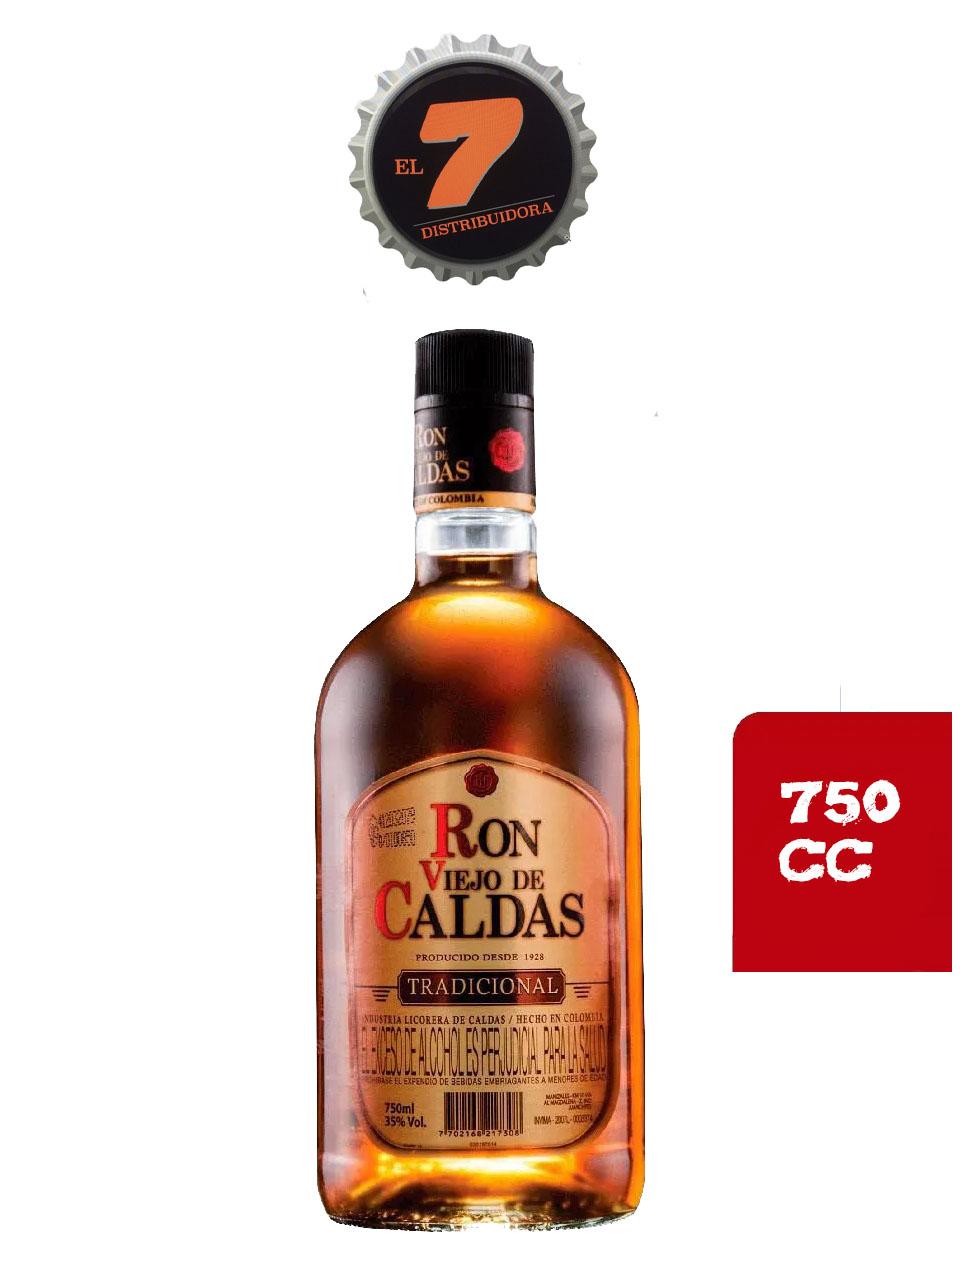 Ron Viejo De Caldas 750 CC